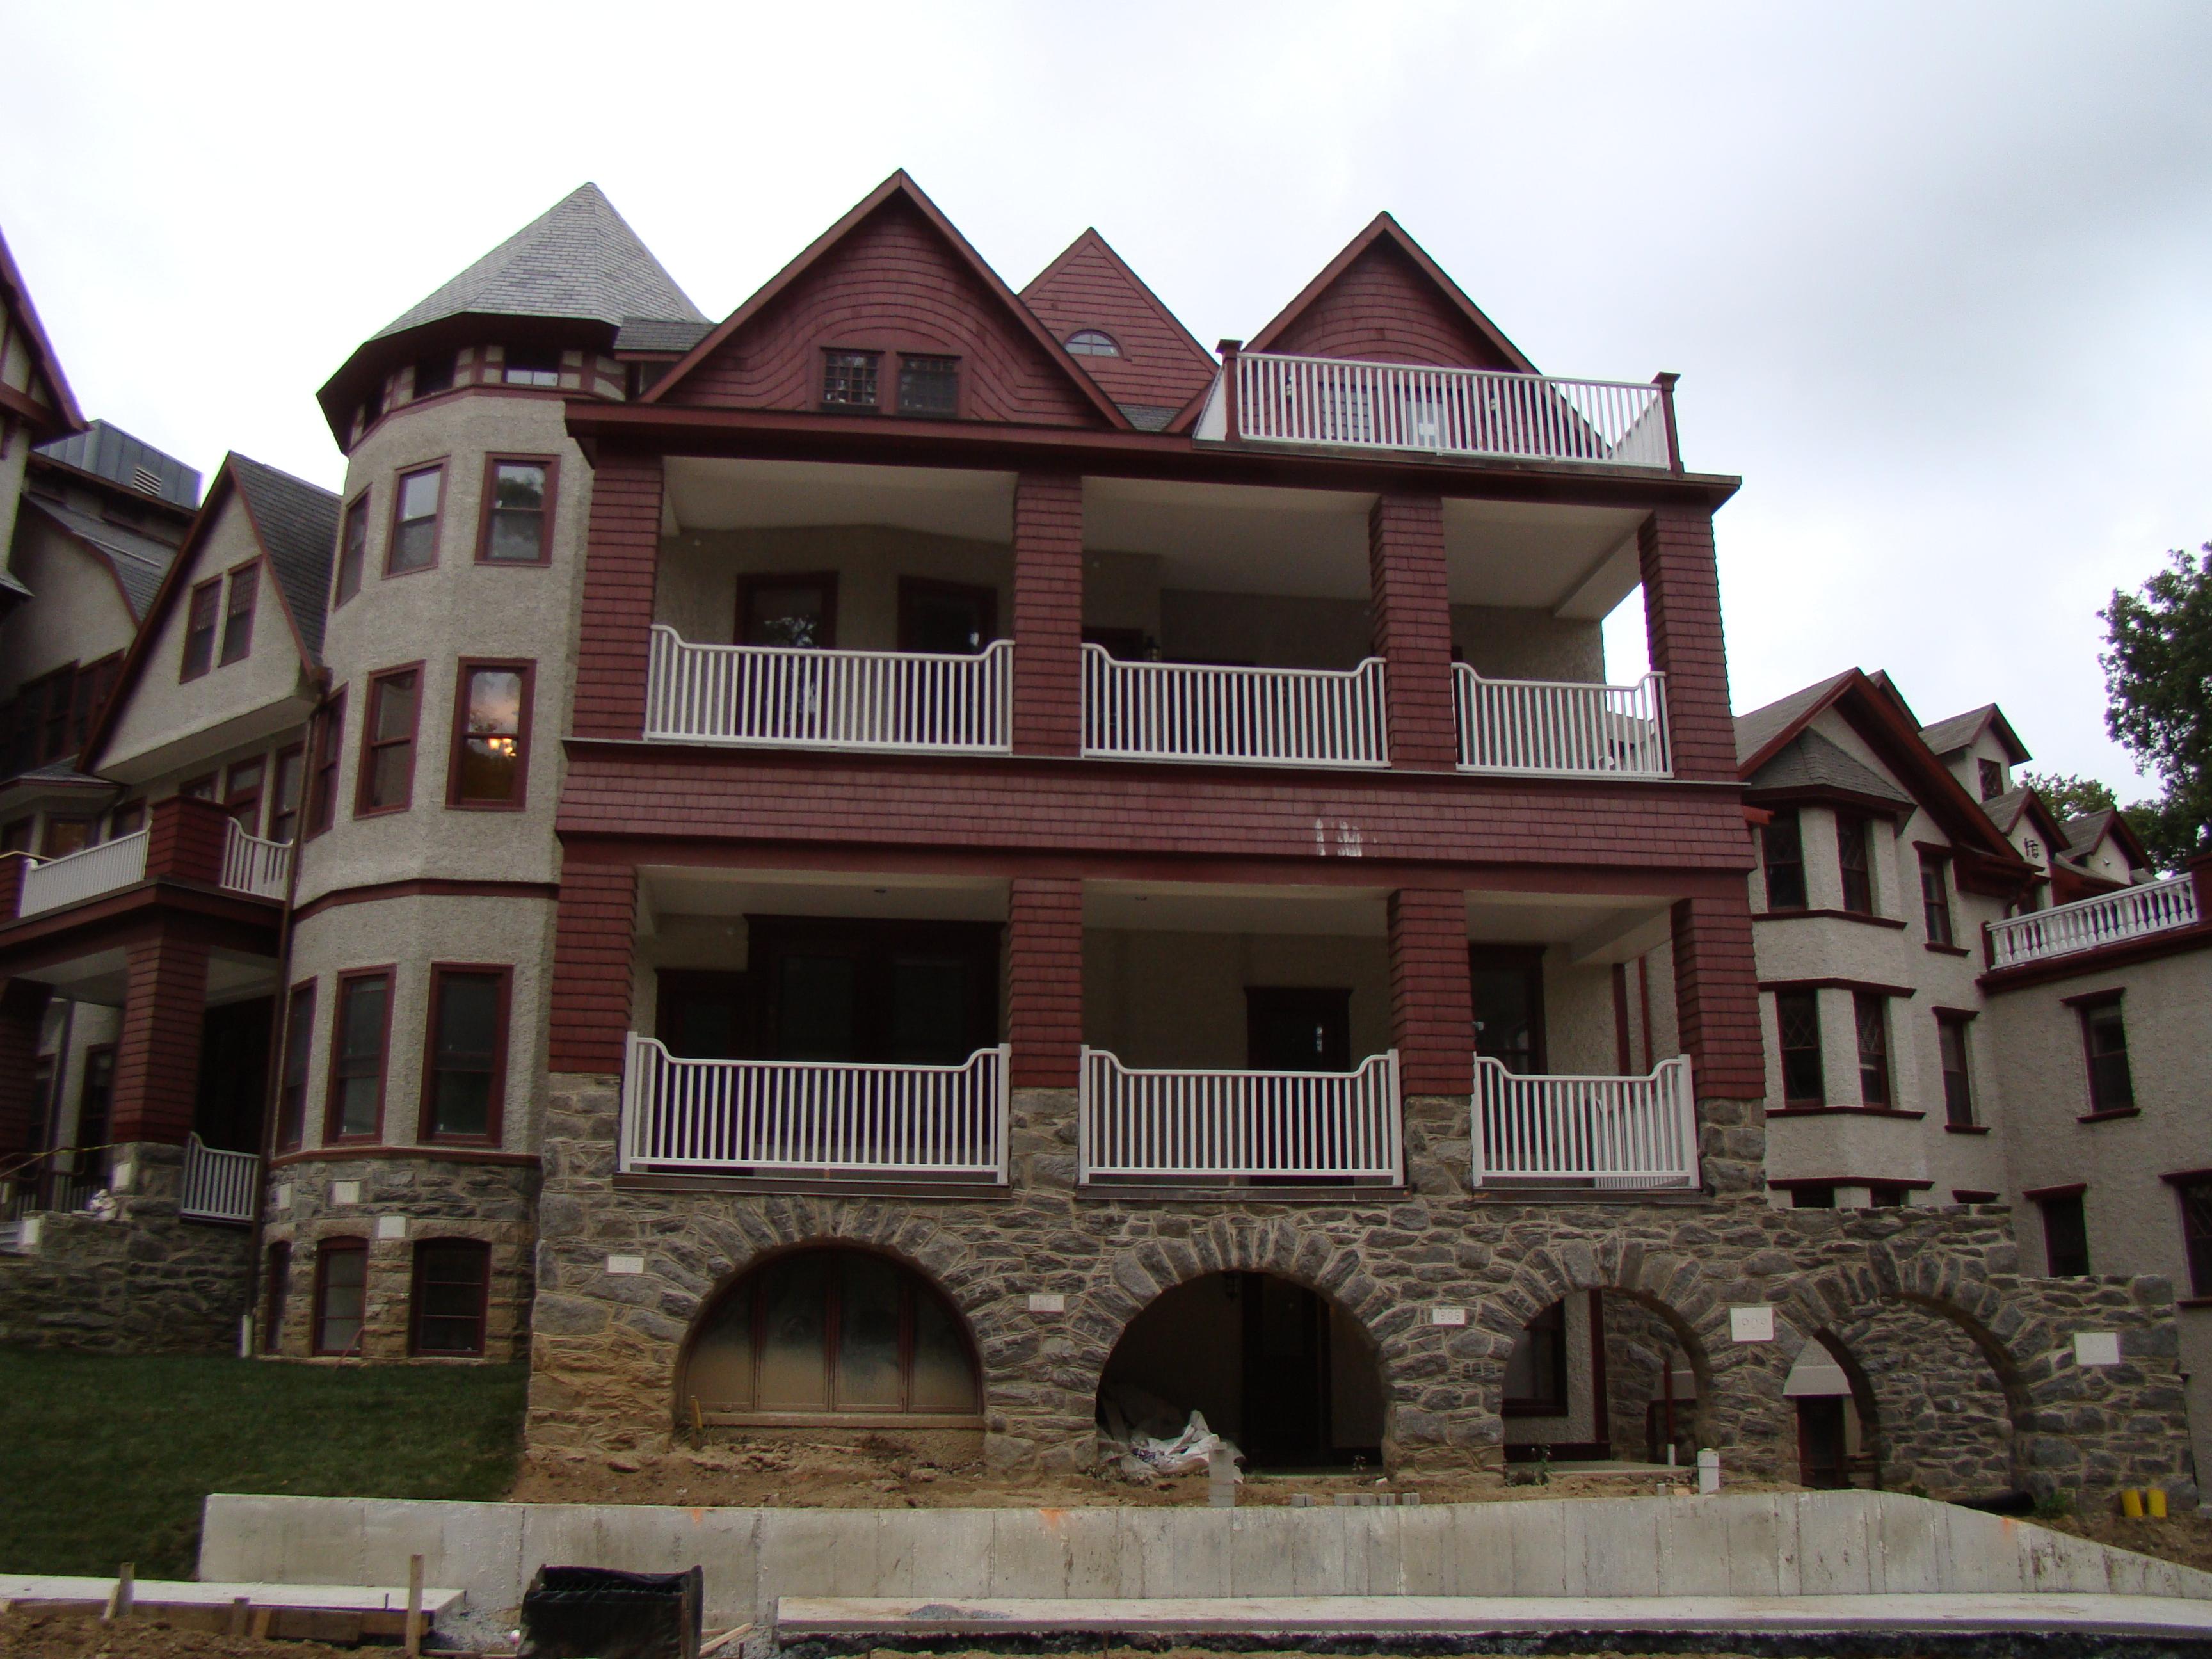 Park Glen Apartments Midland Tx